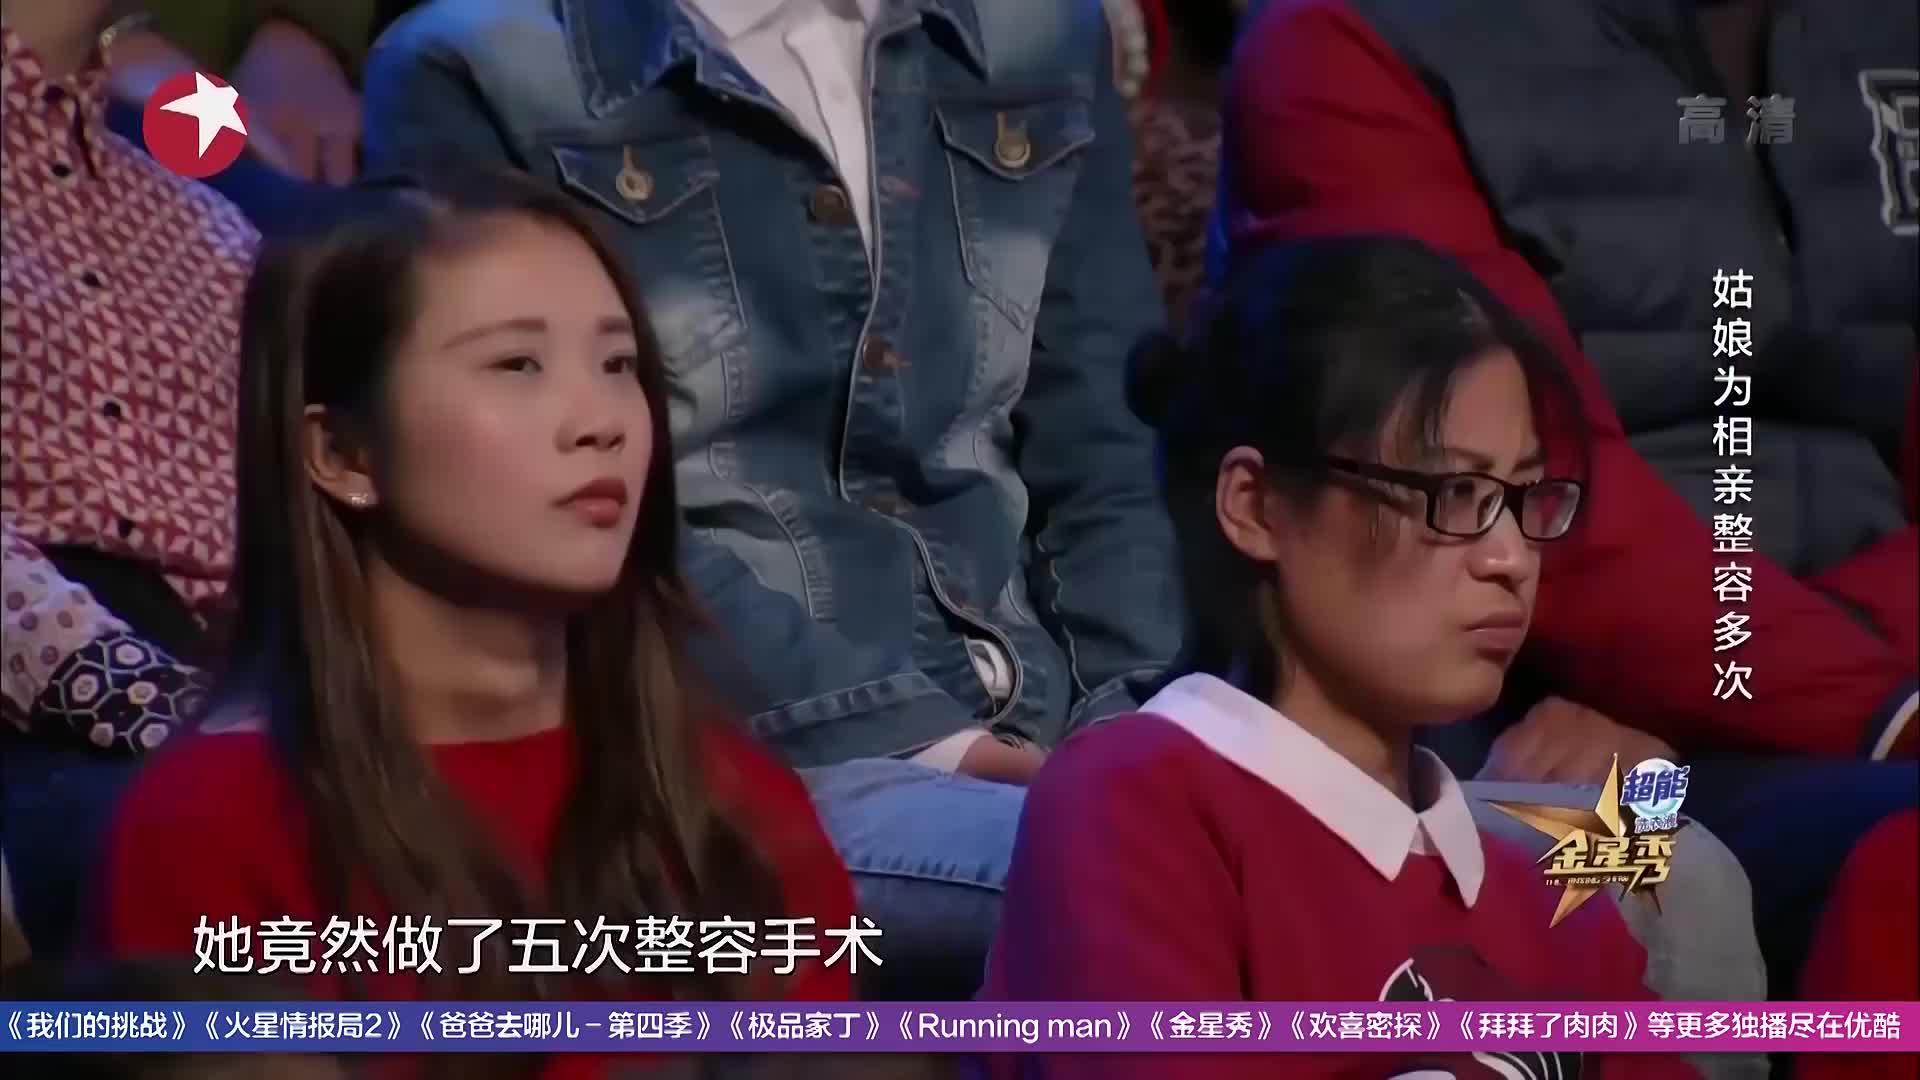 金星秀:女孩太疯狂,因为相亲对象的一句话,她竟做5次整容手术